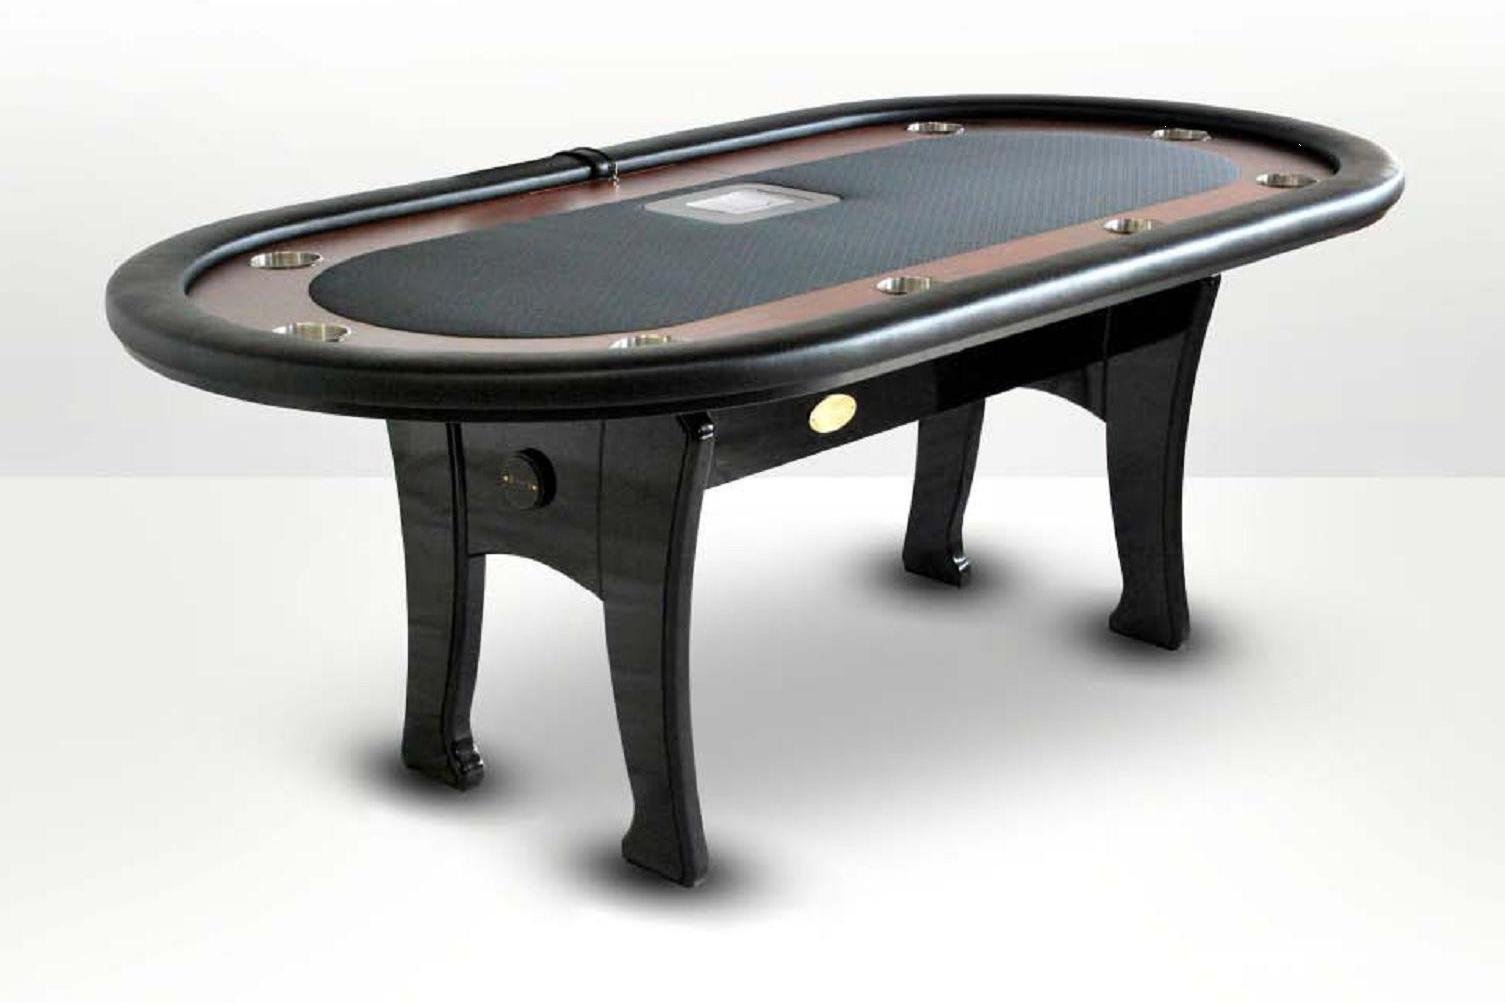 Mesa de poker oval caiman tradicion negra sitio croupier for Juego de mesa cash flow